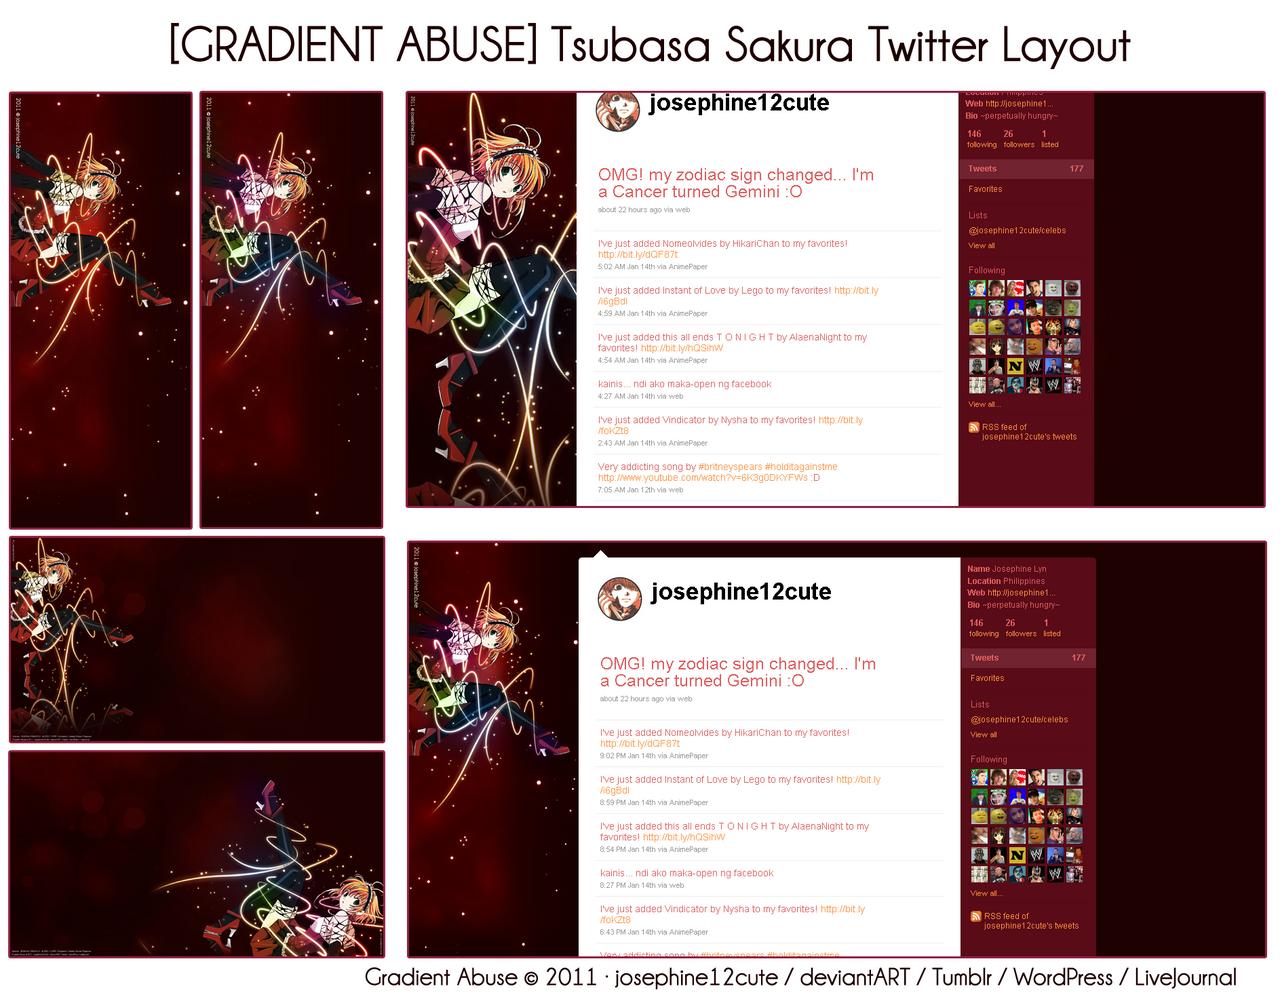 Tsubasa Sakura Twitter Layout by josephine12cute